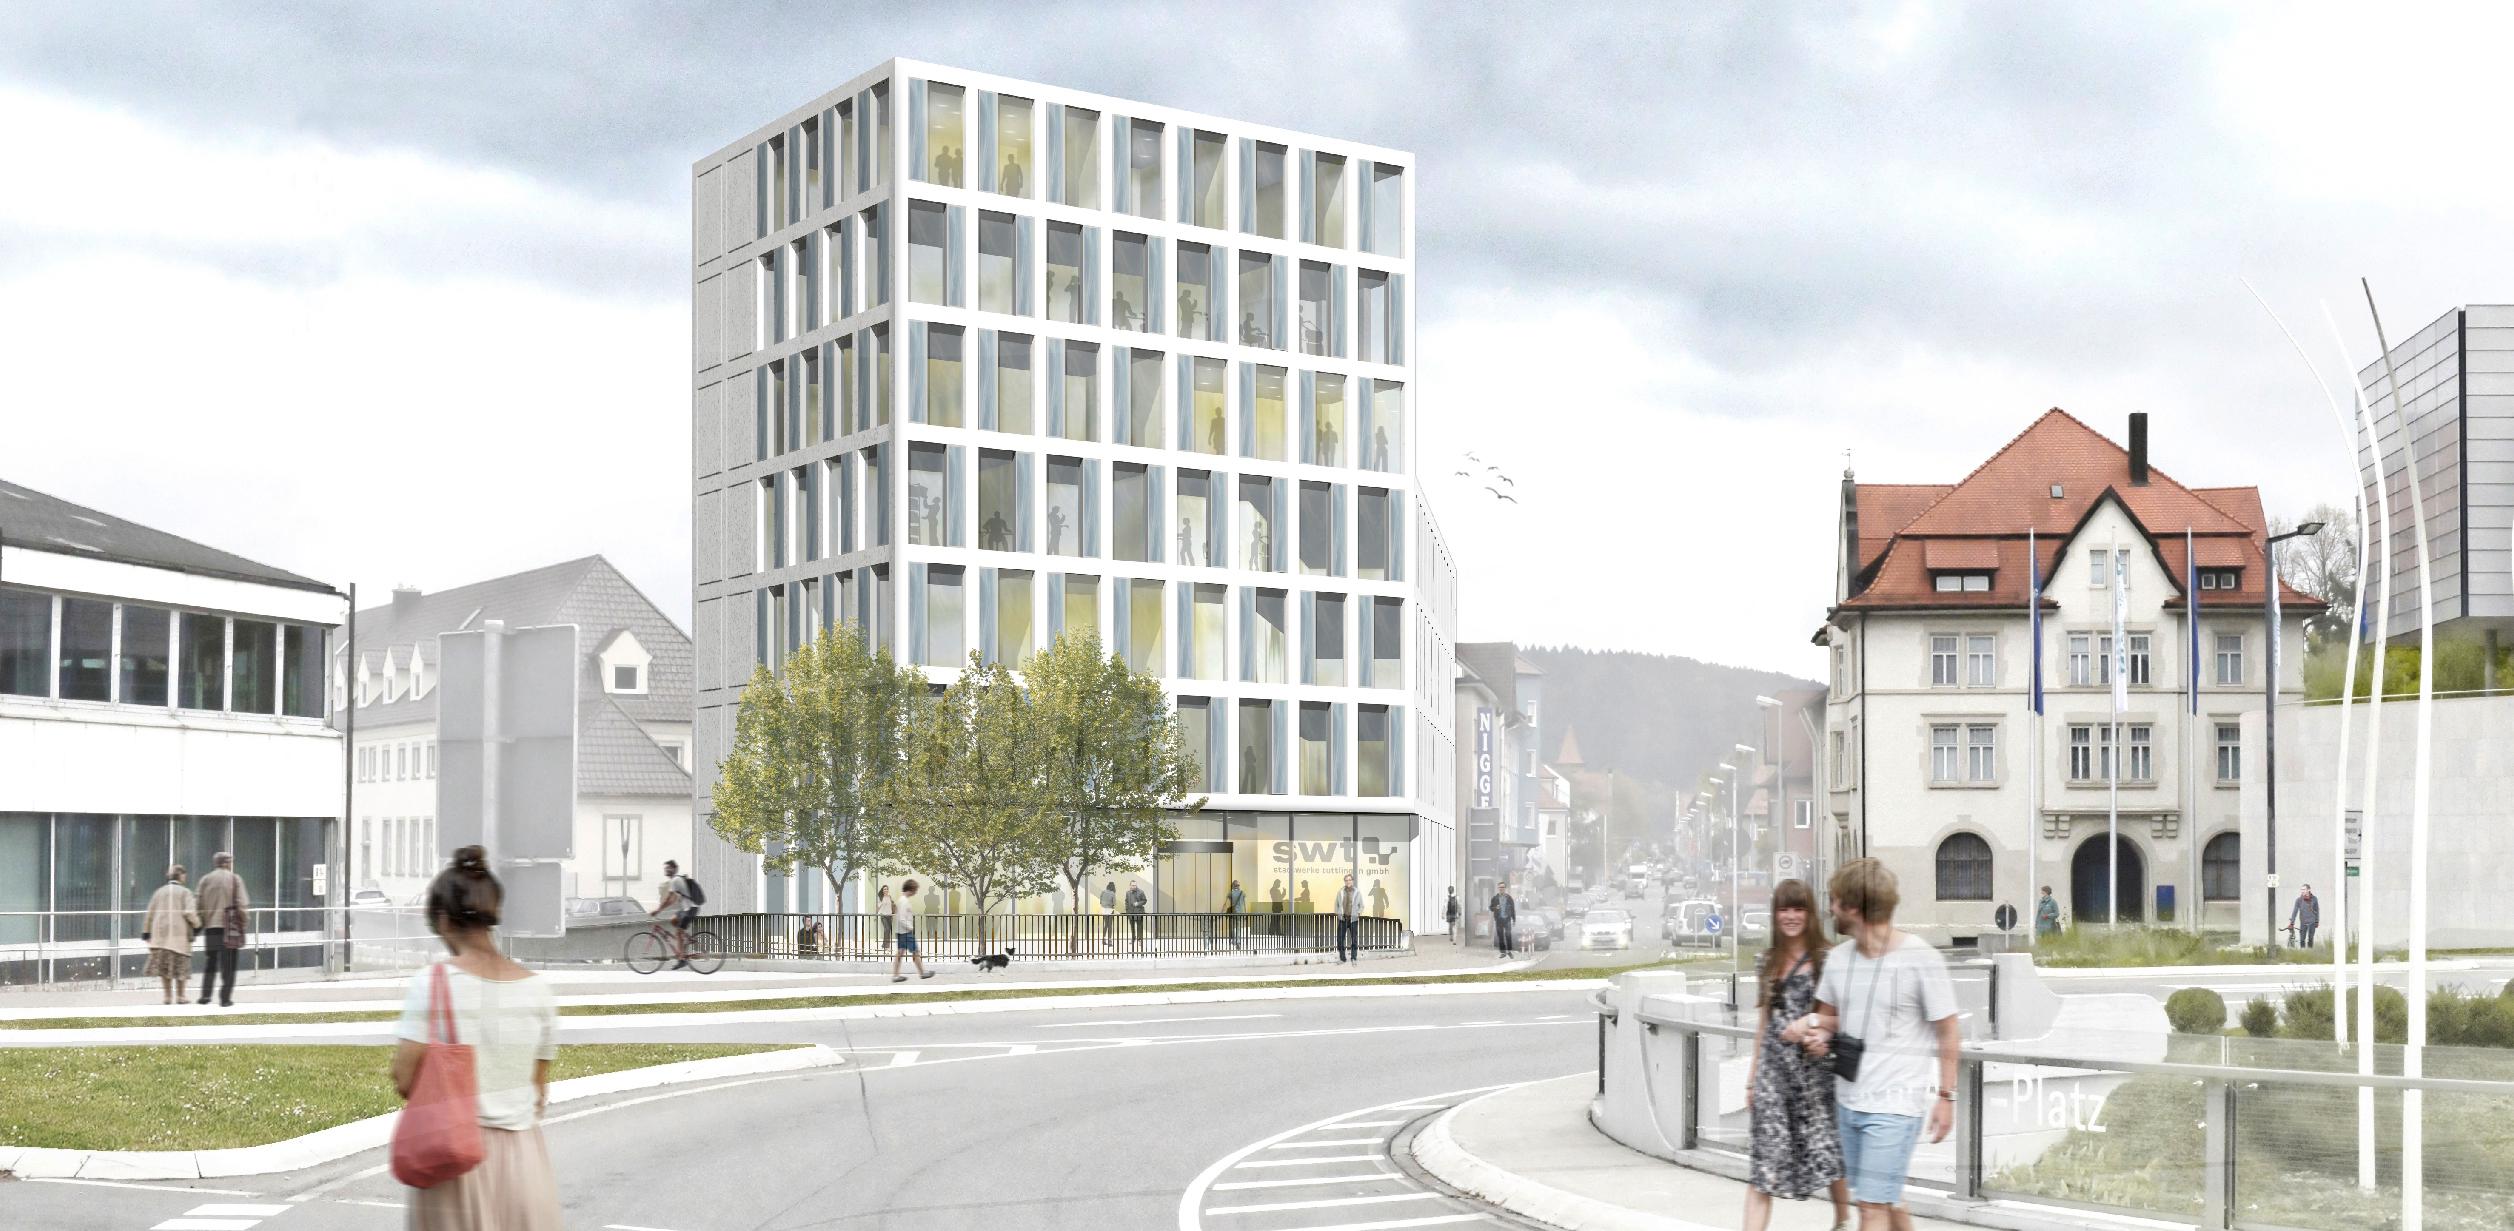 Stadtwerke tuttlingen kohler grohe - Kohler grohe architekten ...